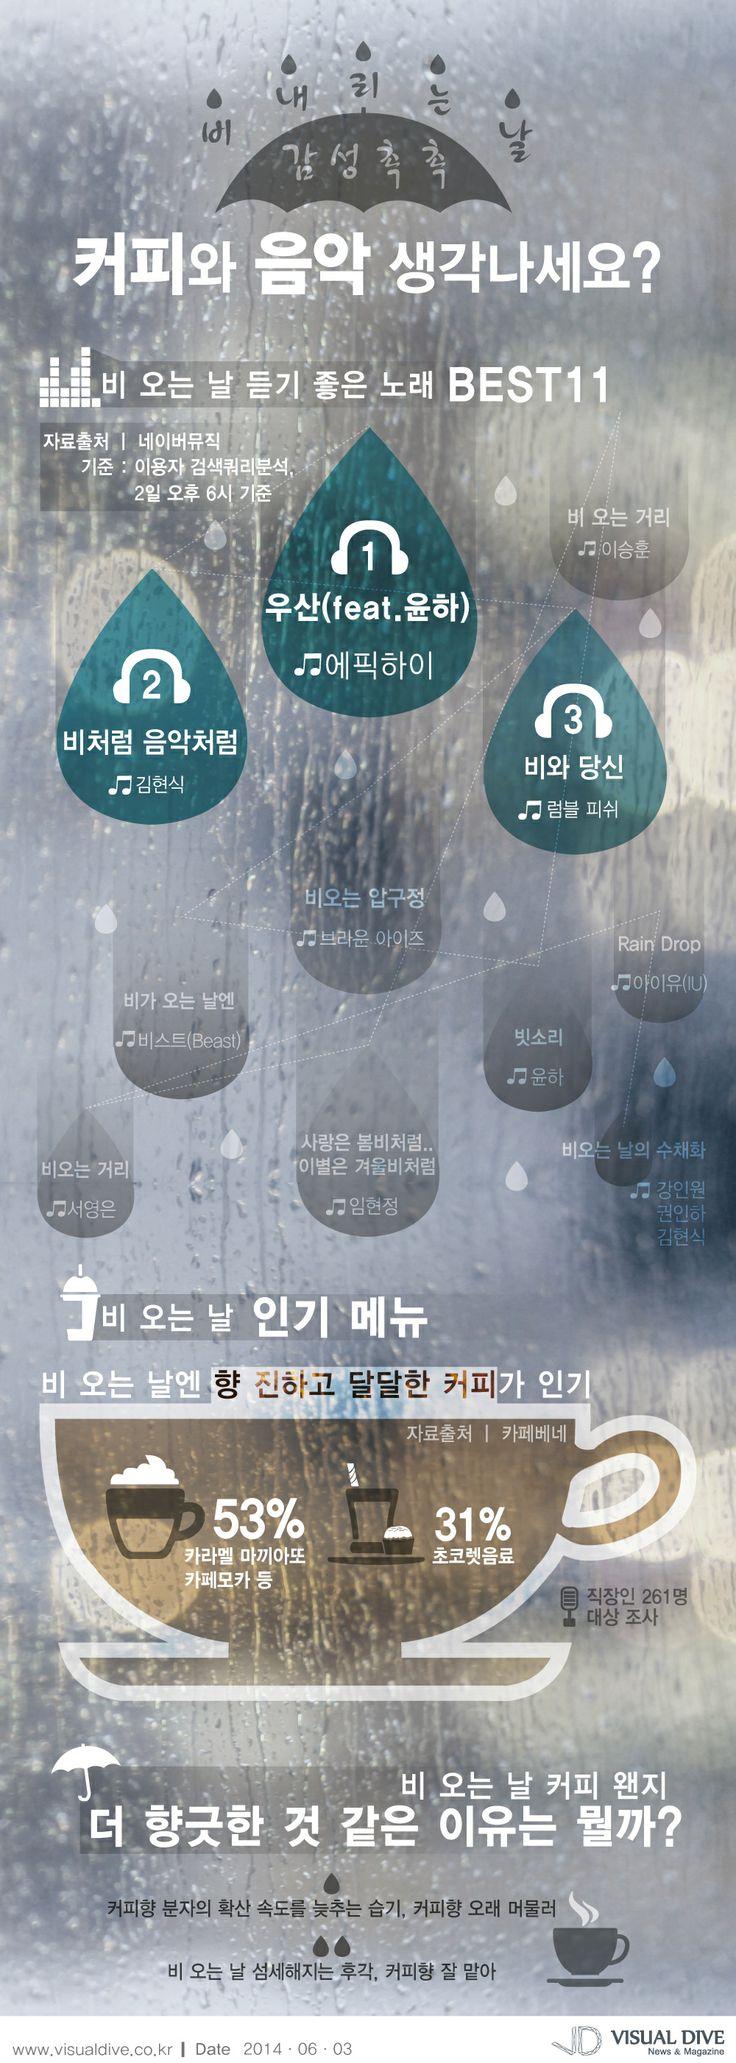 비 오는 날 감성촉촉 '커피'와 '음악' 생각나세요? 듣기좋은 노래 '우산', 인기음료 '카페모카' [인포그래픽] #rain / #Infographic ⓒ 비주얼다이브 무단 복사·전재·재배포 금지